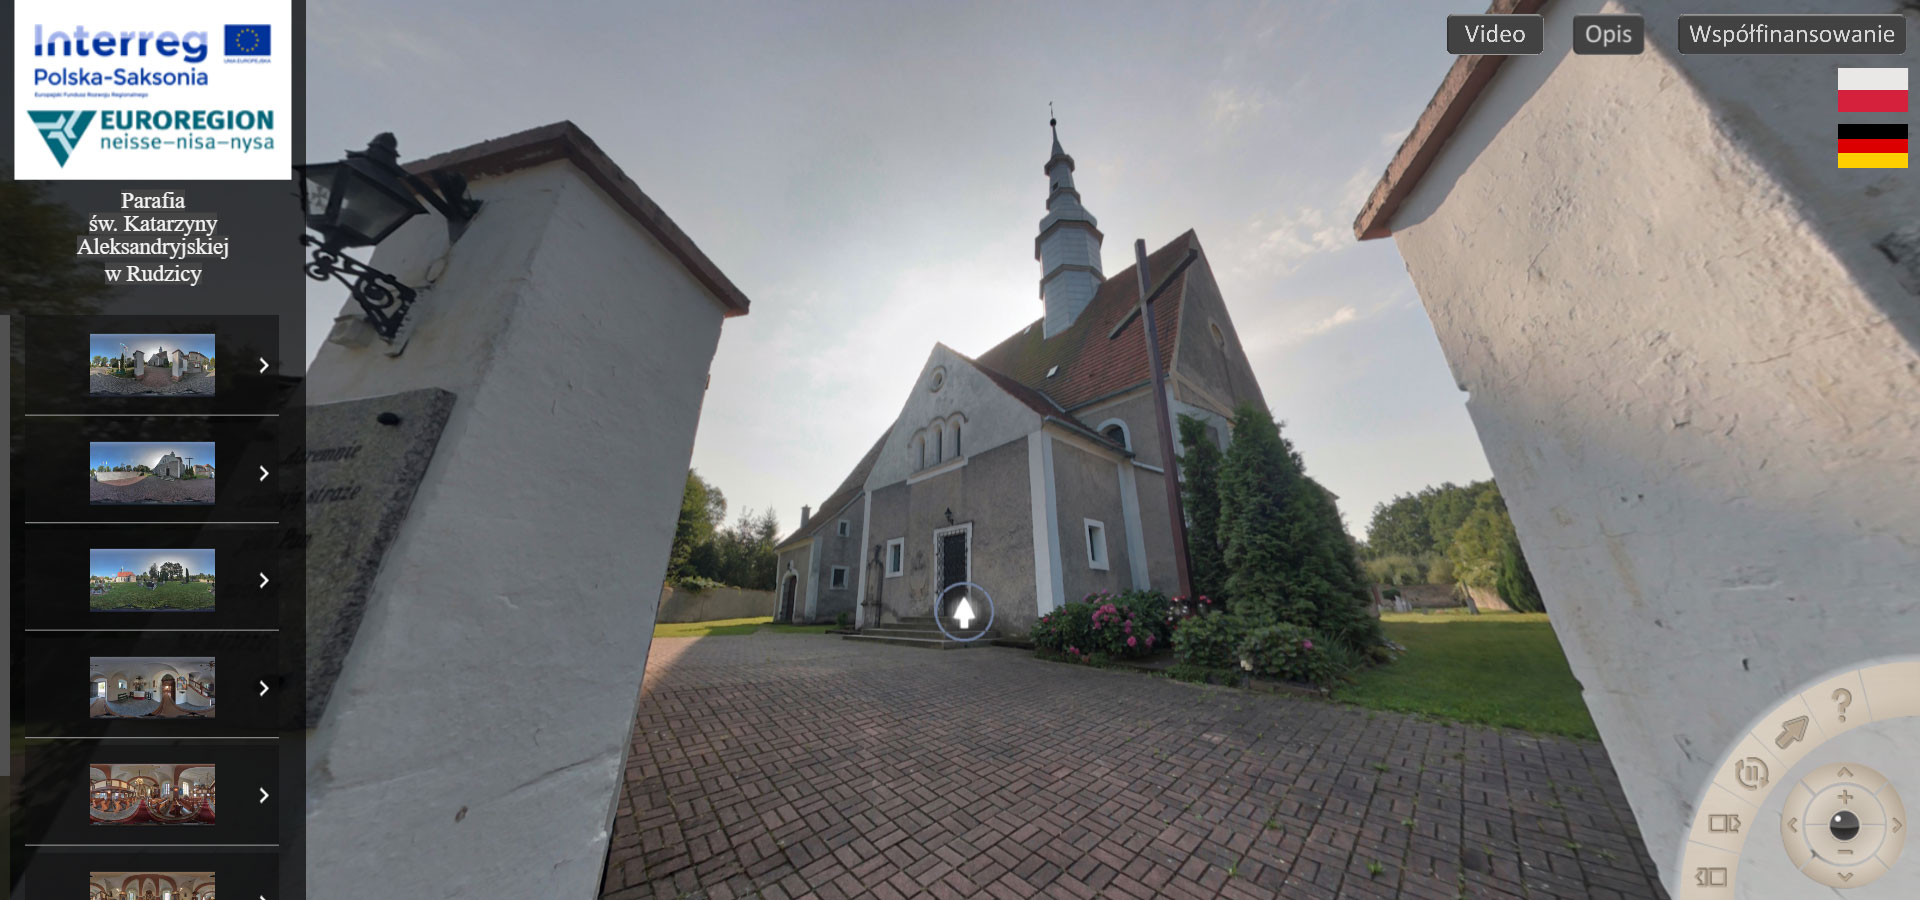 Parafia-w-Rudzicy